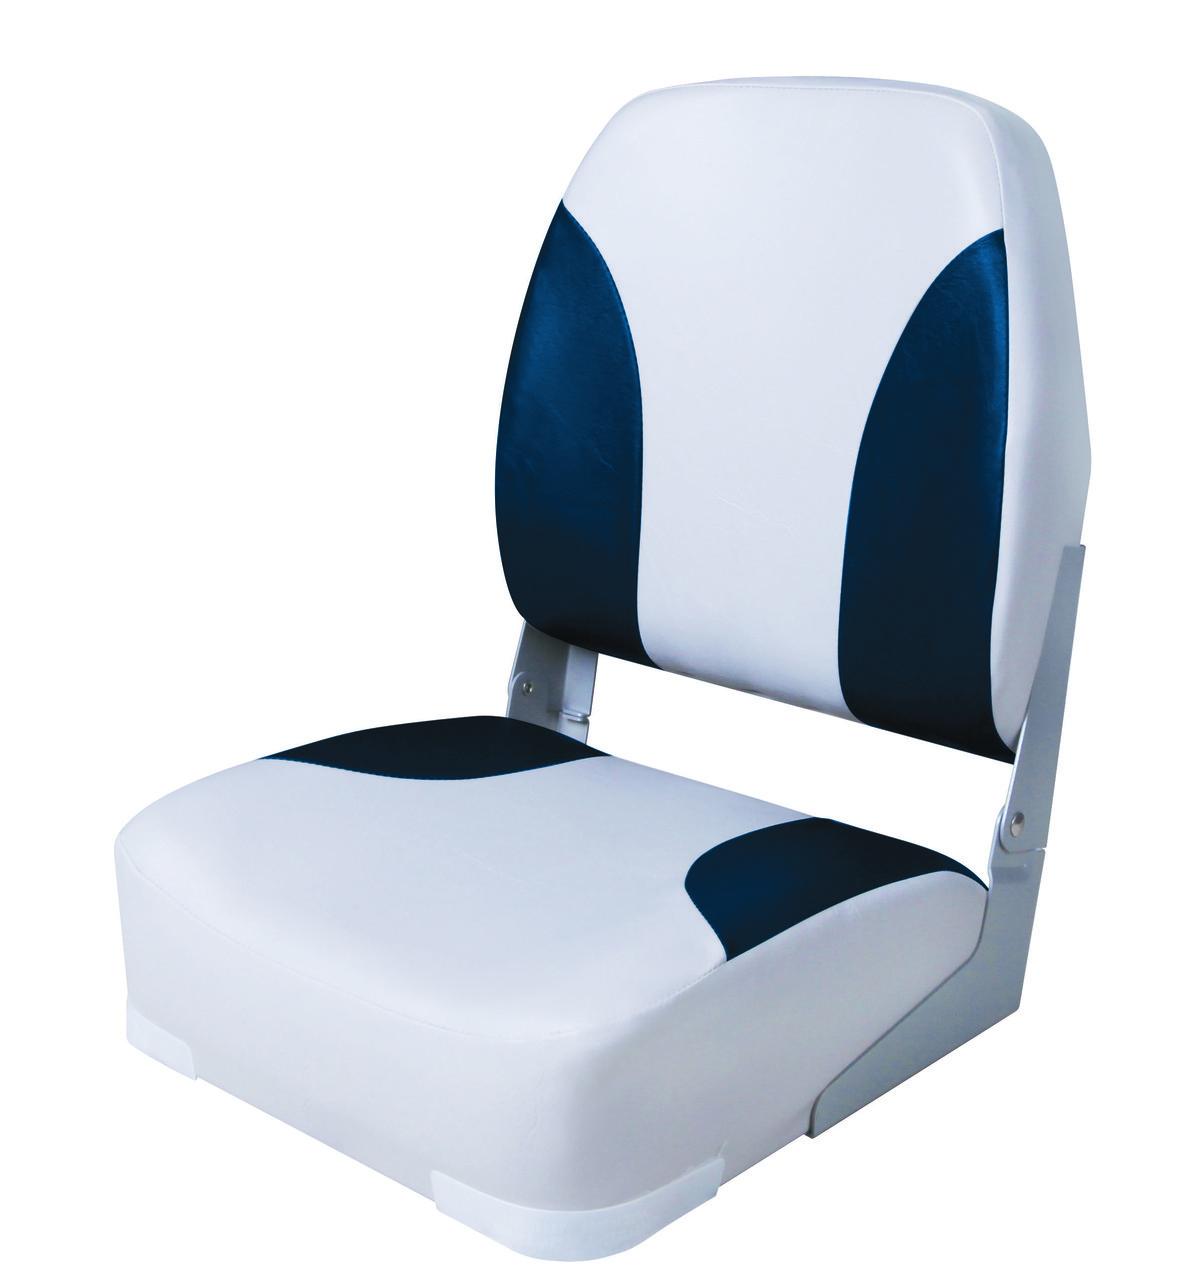 Сиденья складное с высокой спинкой серо-синее